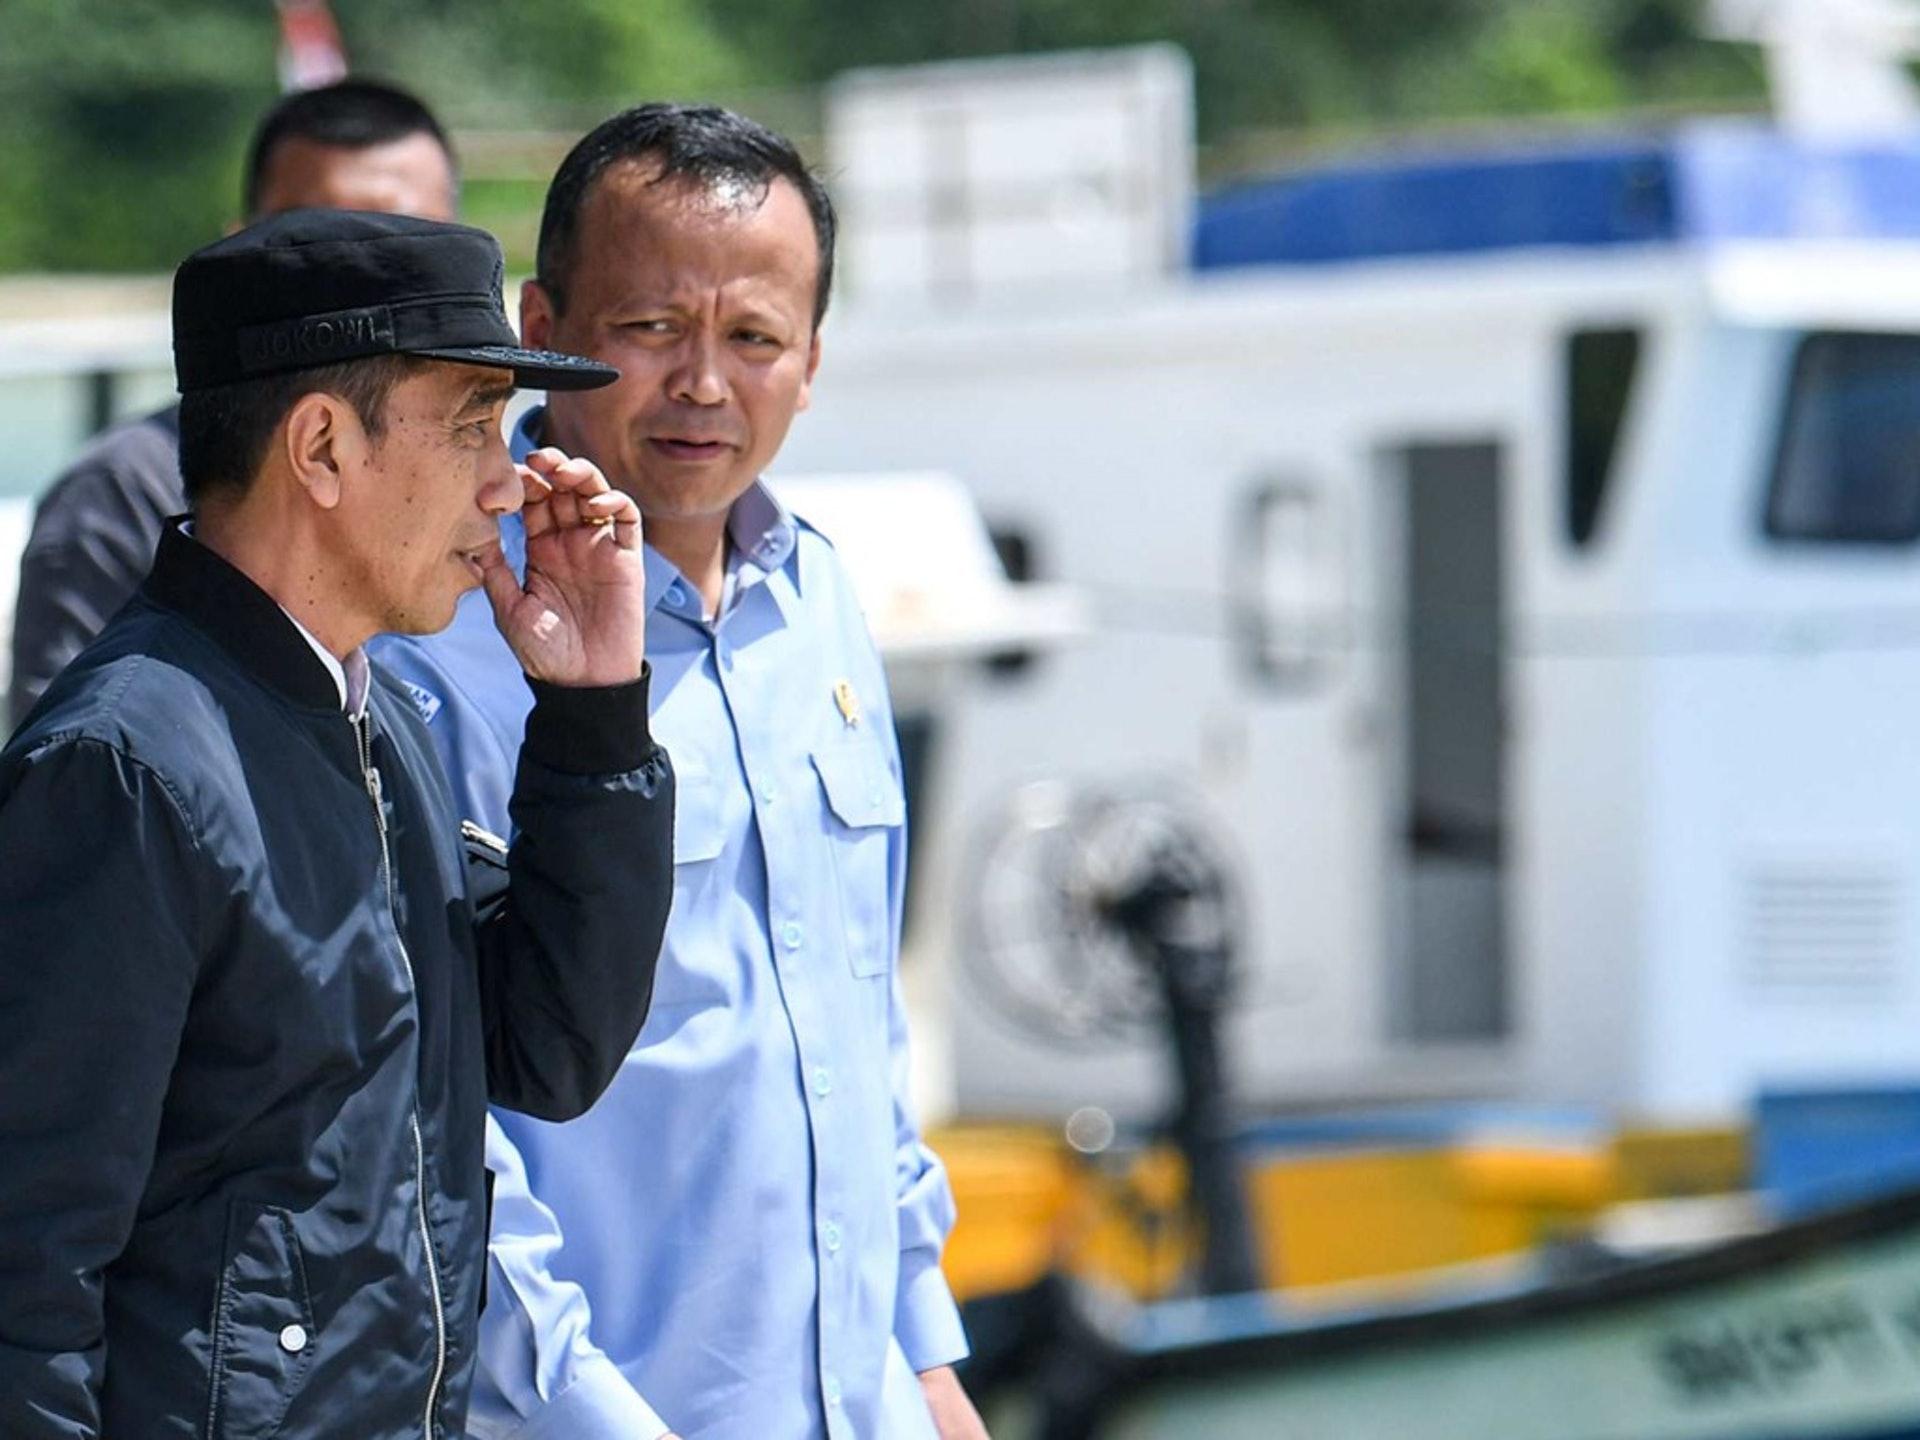 """图中为印尼总统佐科(左)与印尼海洋与渔业部长艾迪·普拉博沃(Edhy Prabowo,右),艾迪是普拉博沃将军的门生。普拉博沃将军在2020年的纳土纳风波中也以""""中国与印尼友好,印尼军方应冷静应对局势""""的稳健立场著称。(路透社)"""